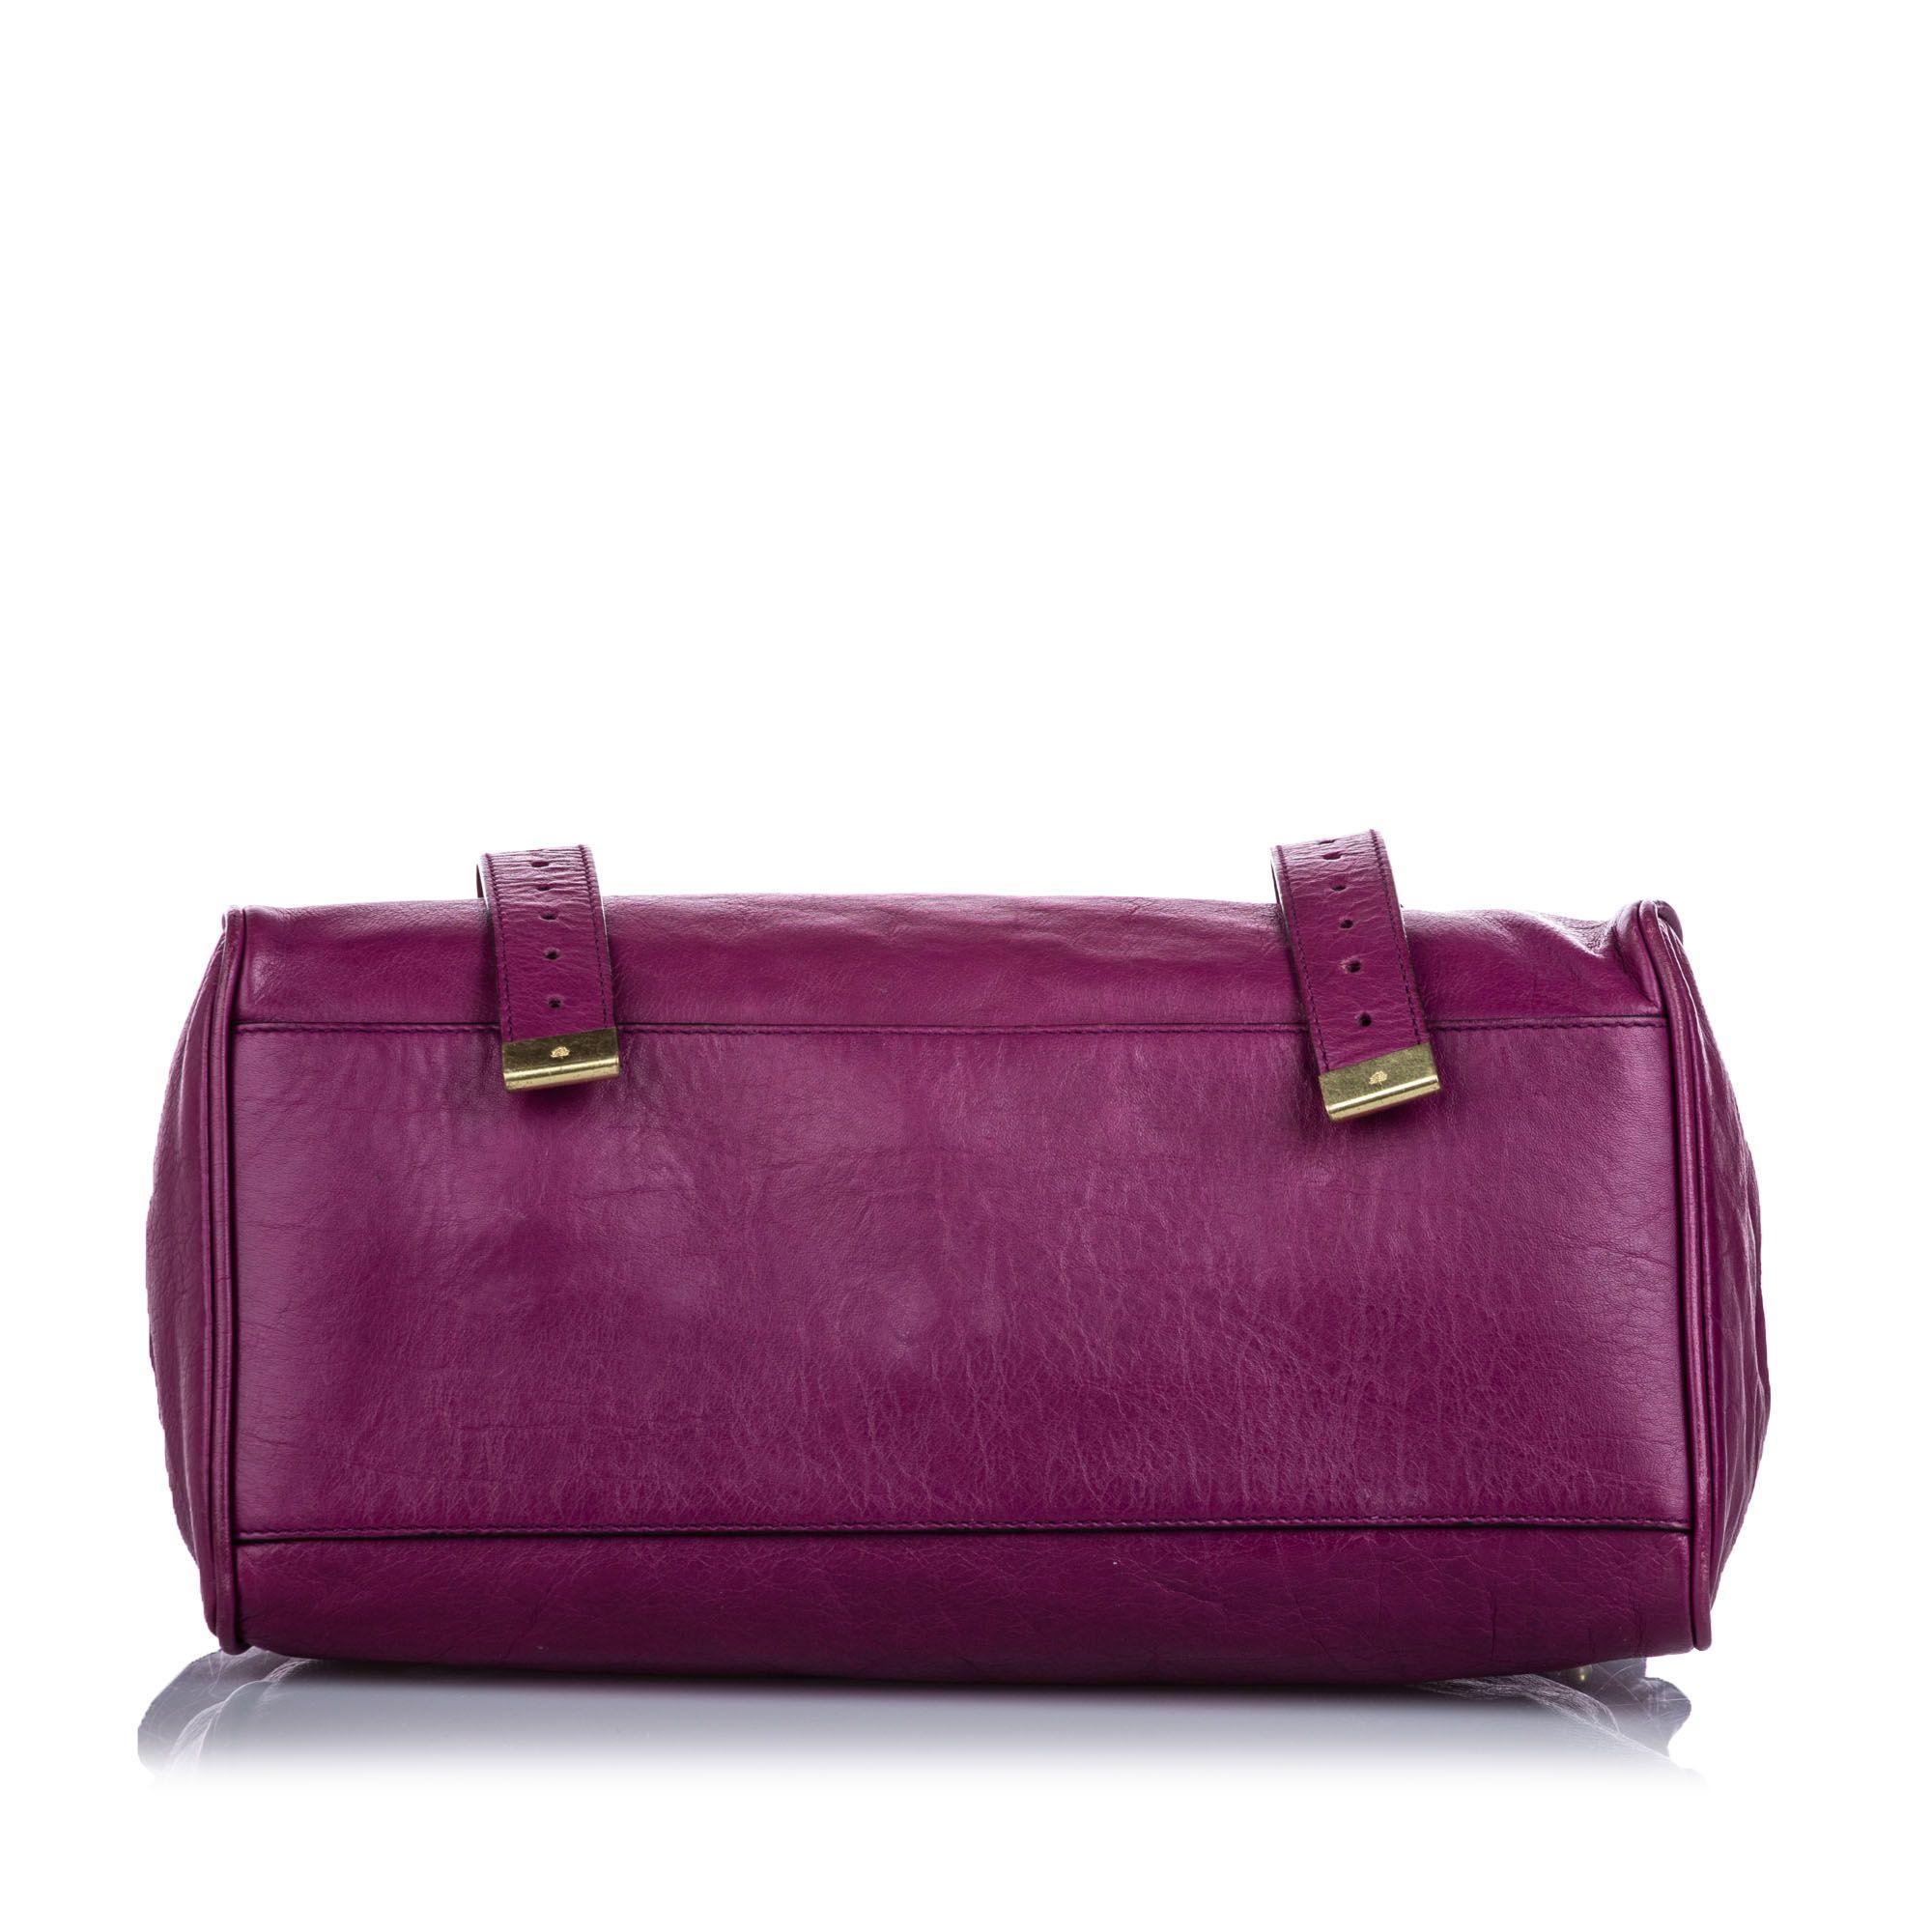 Vintage Mulberry Leather Alexa Satchel Purple